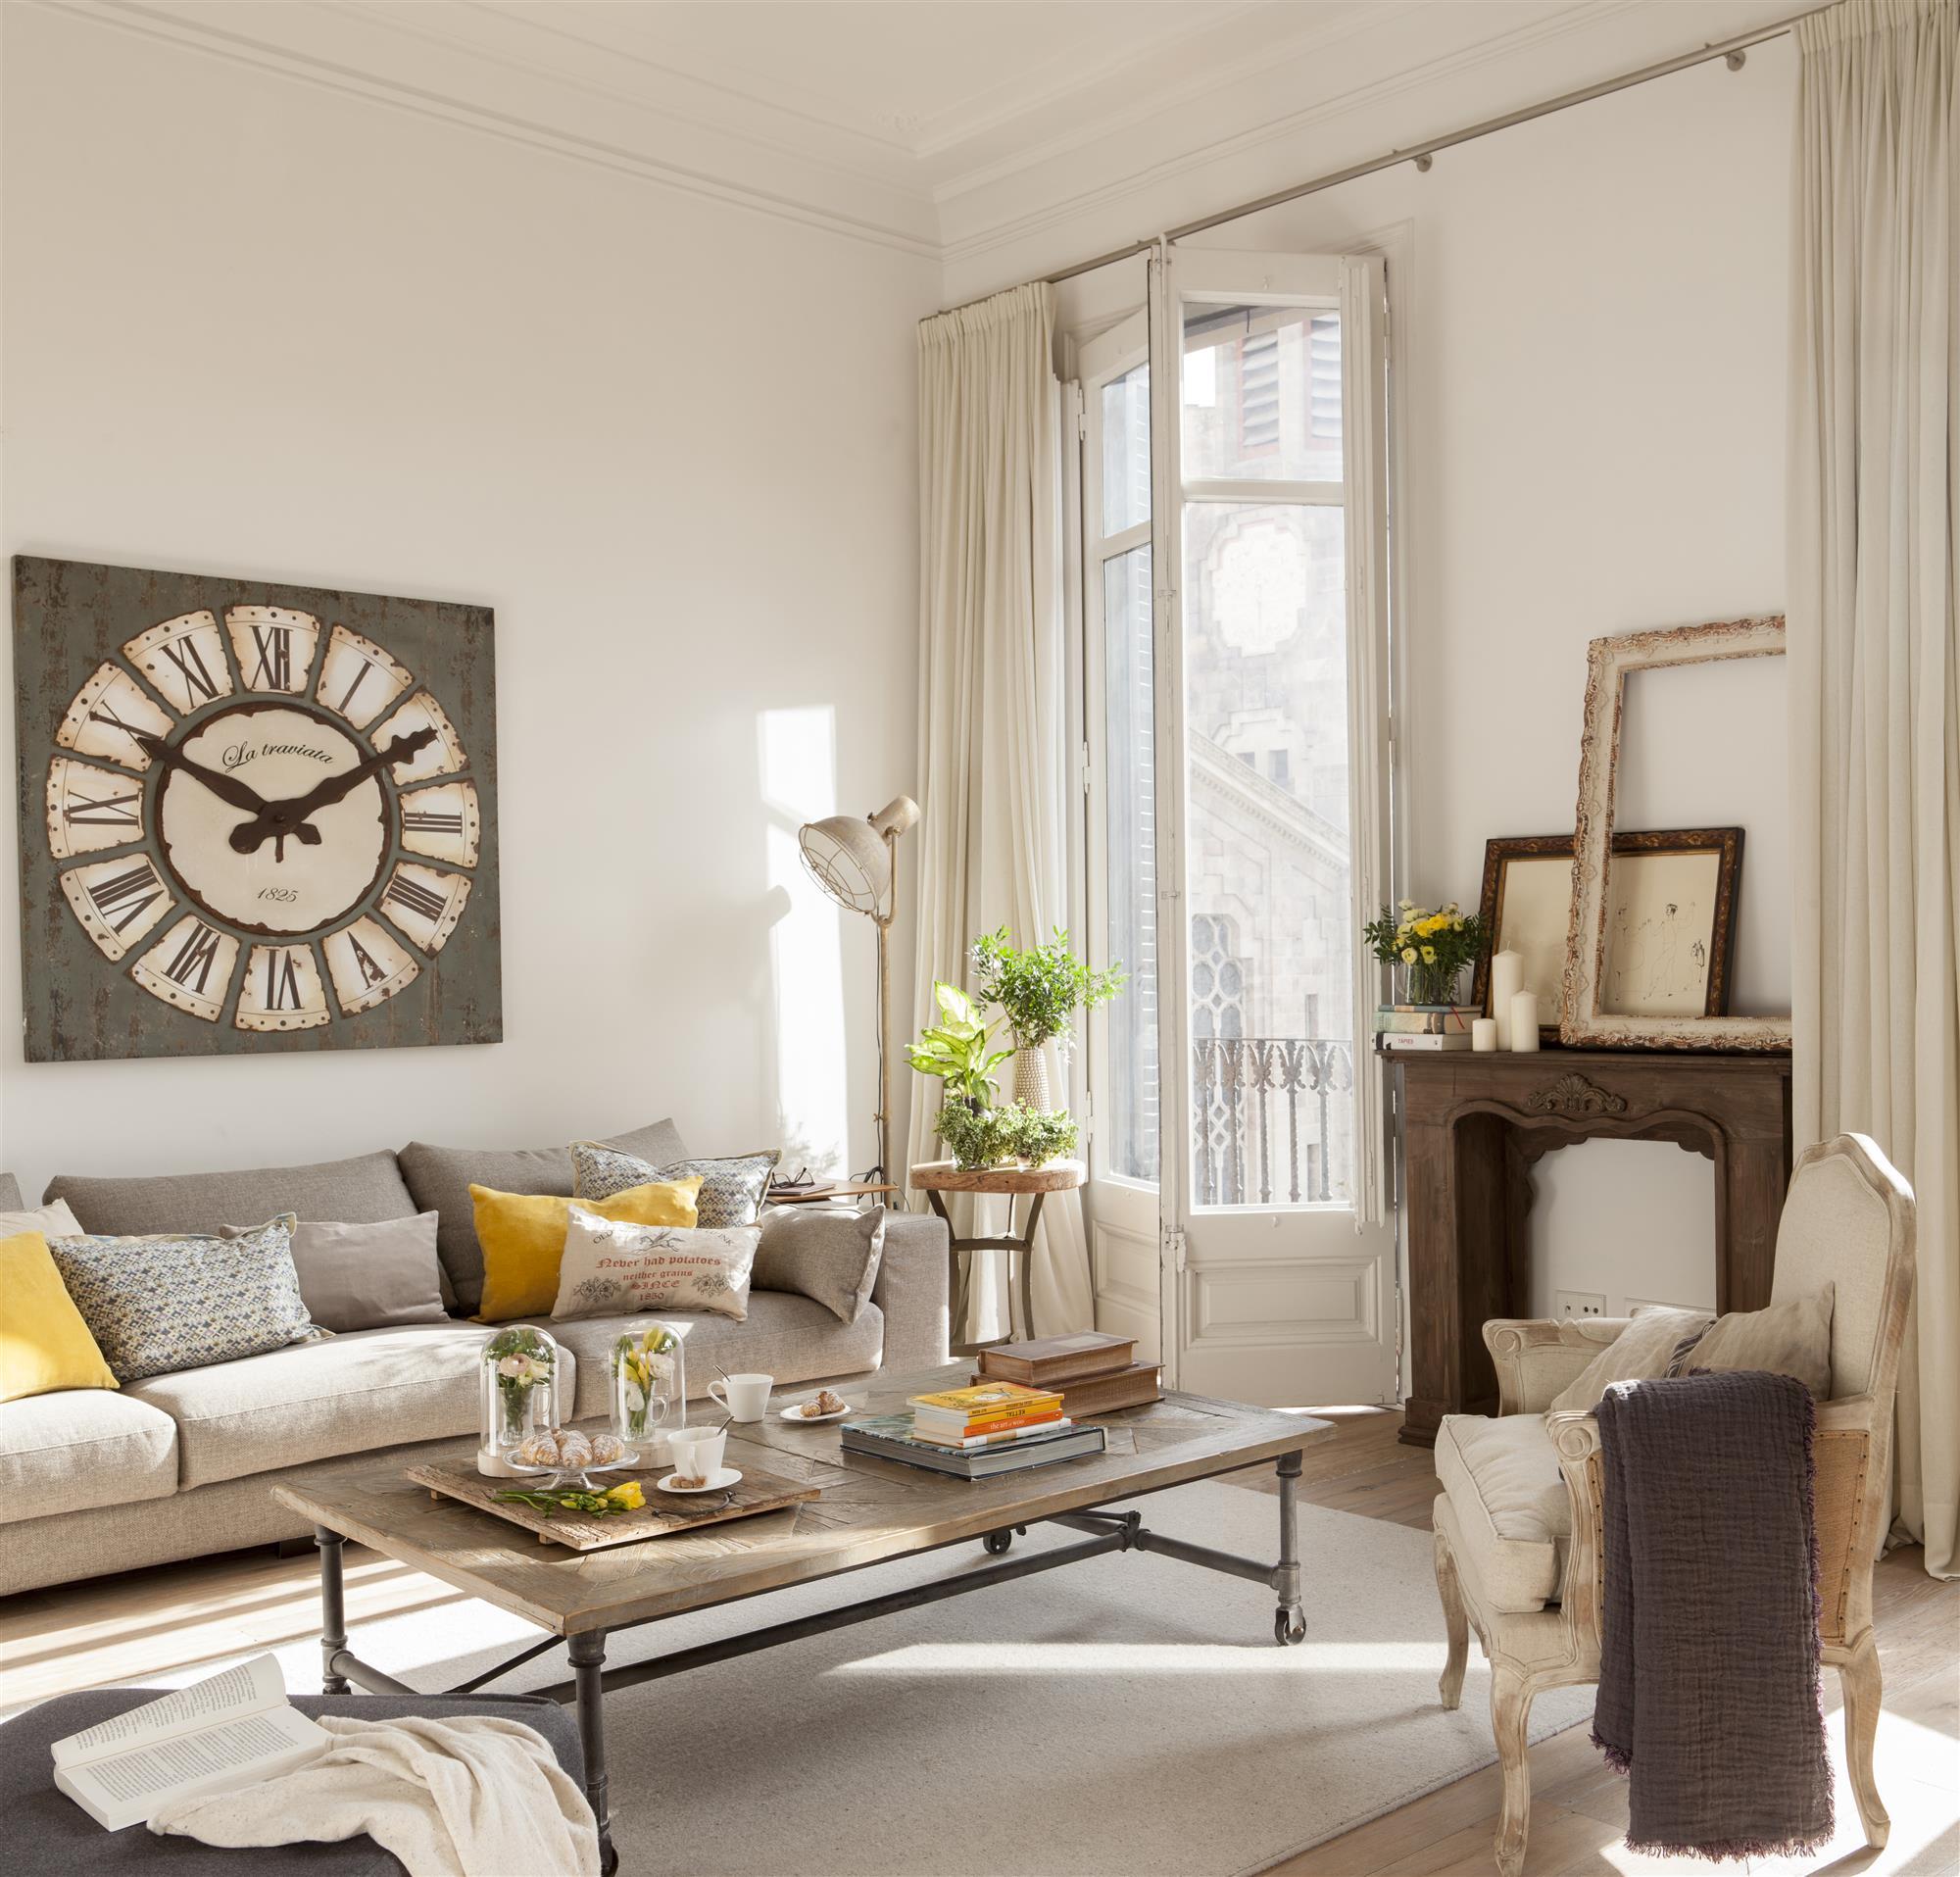 9 detalles con los que decorar la pared del sof - Decorar pared sofa ...